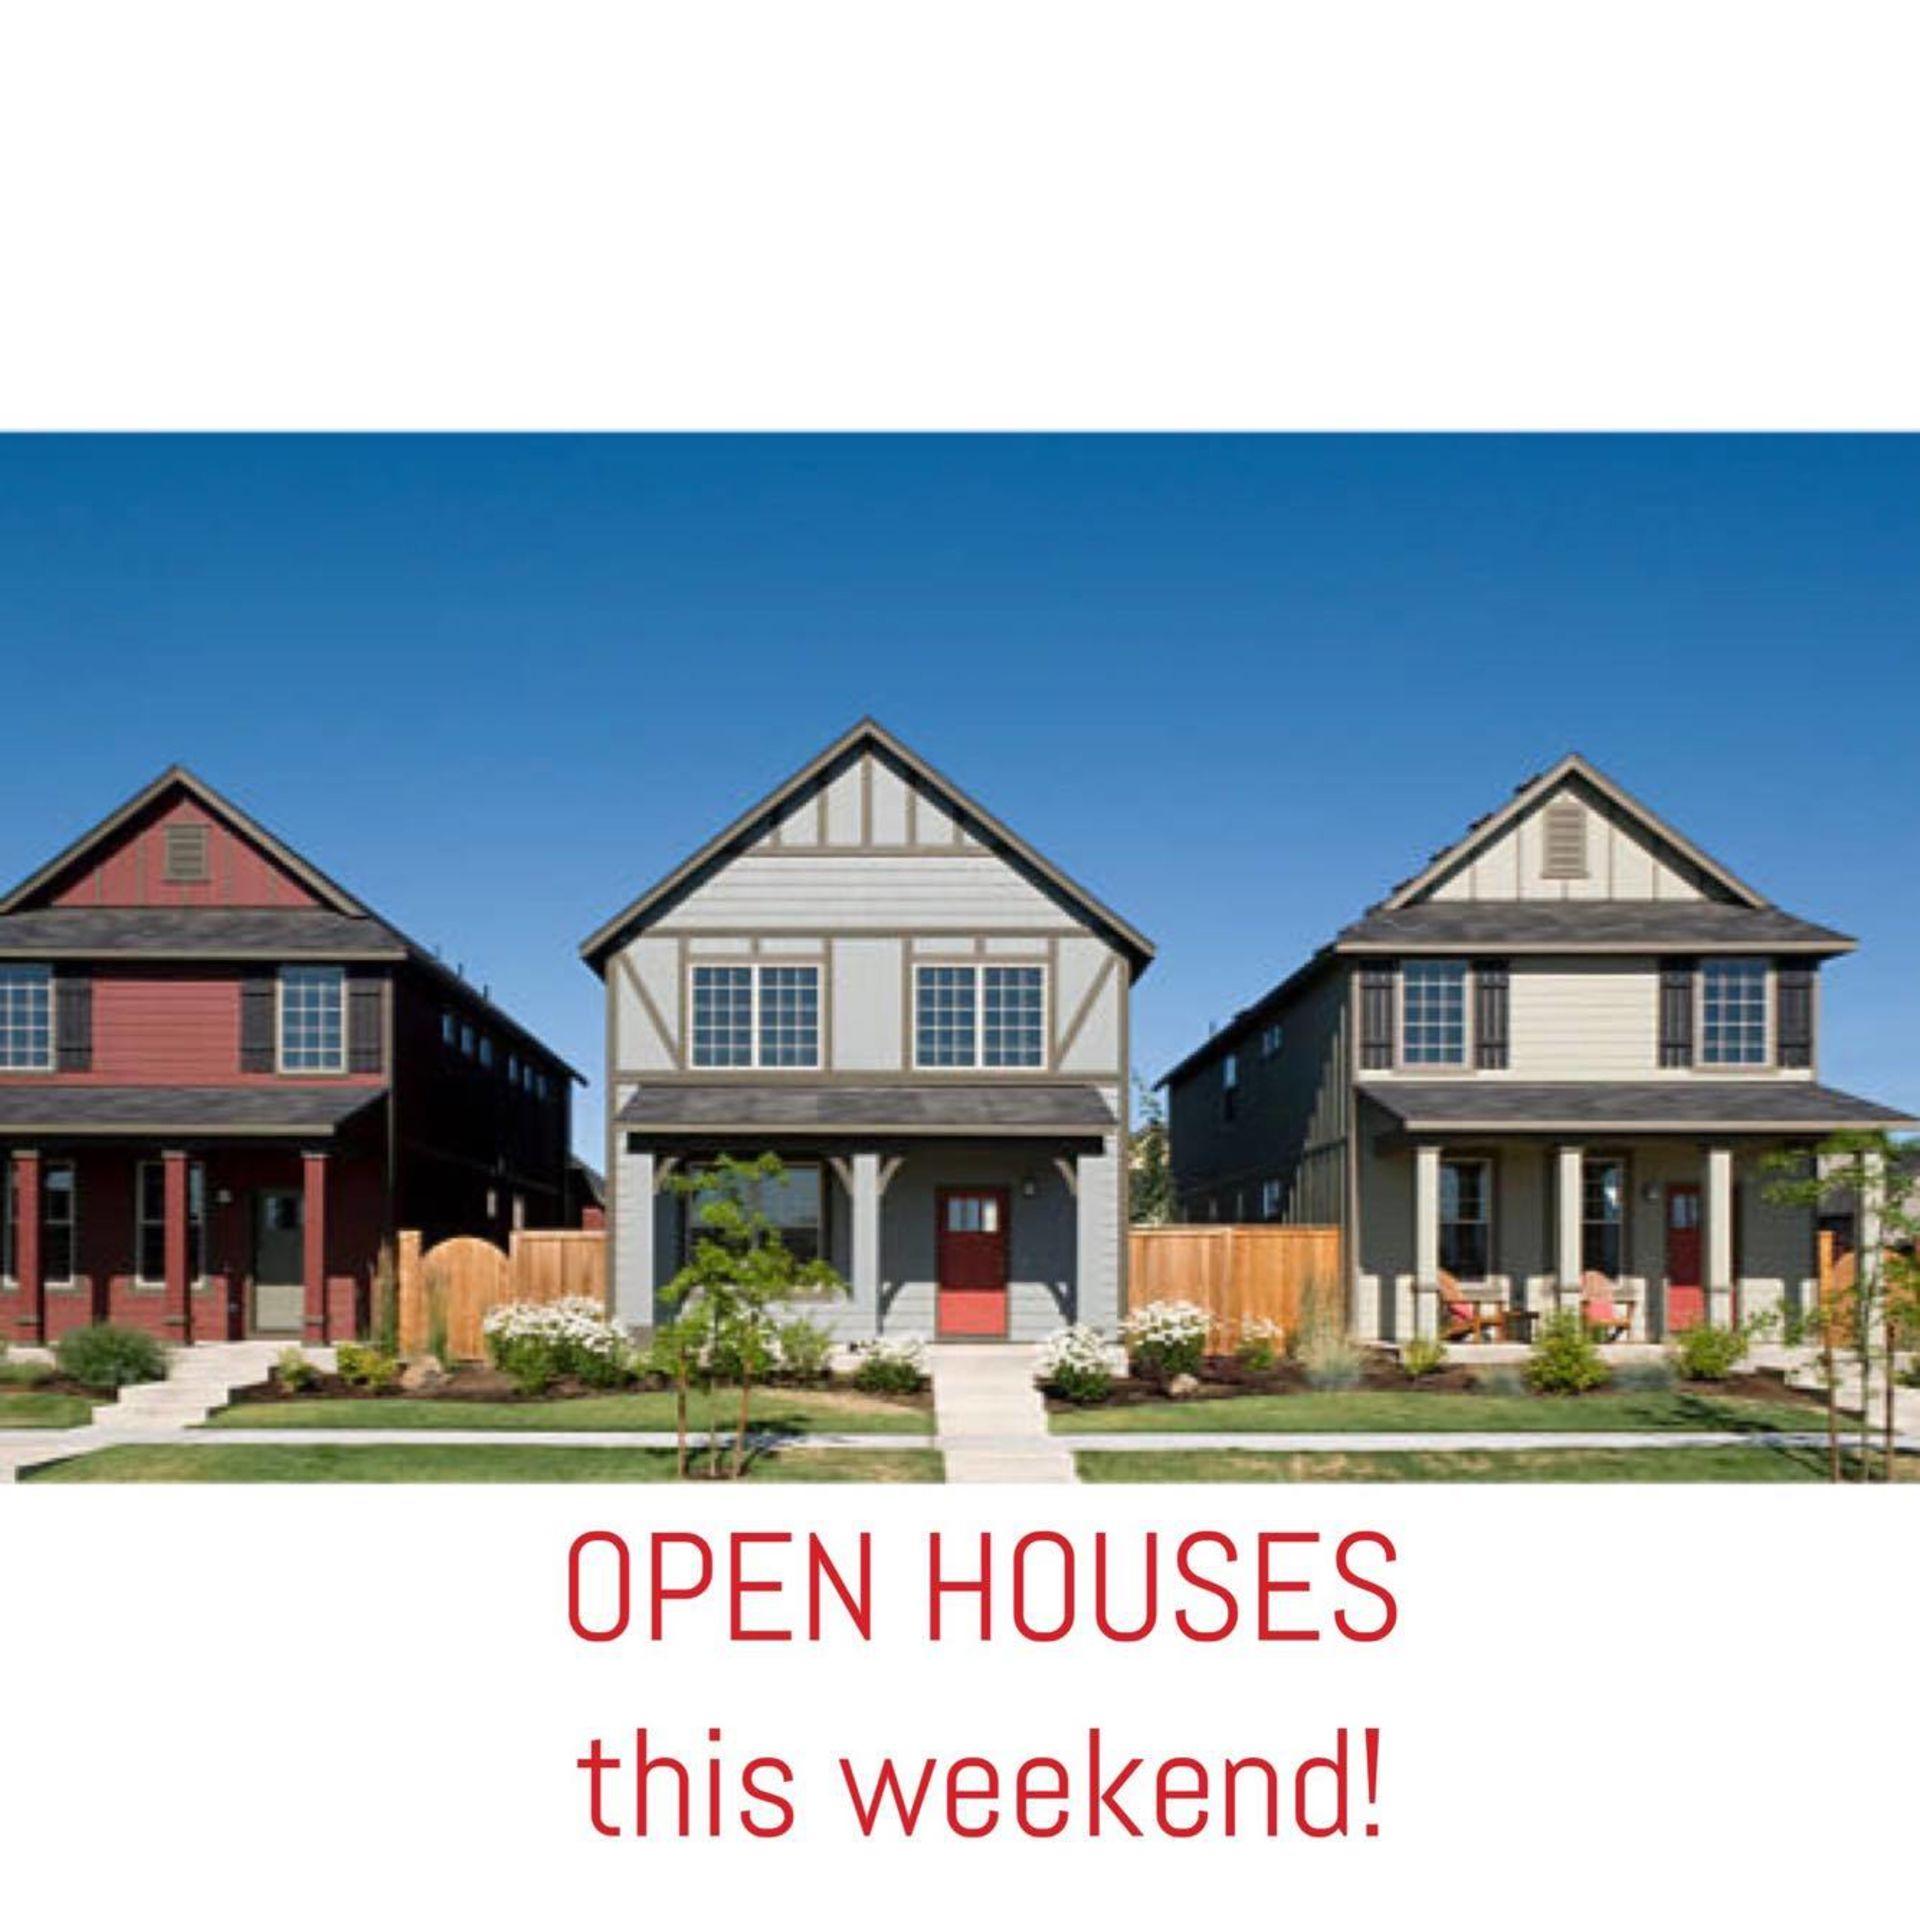 Open Houses in WNY Nov 11 & 12